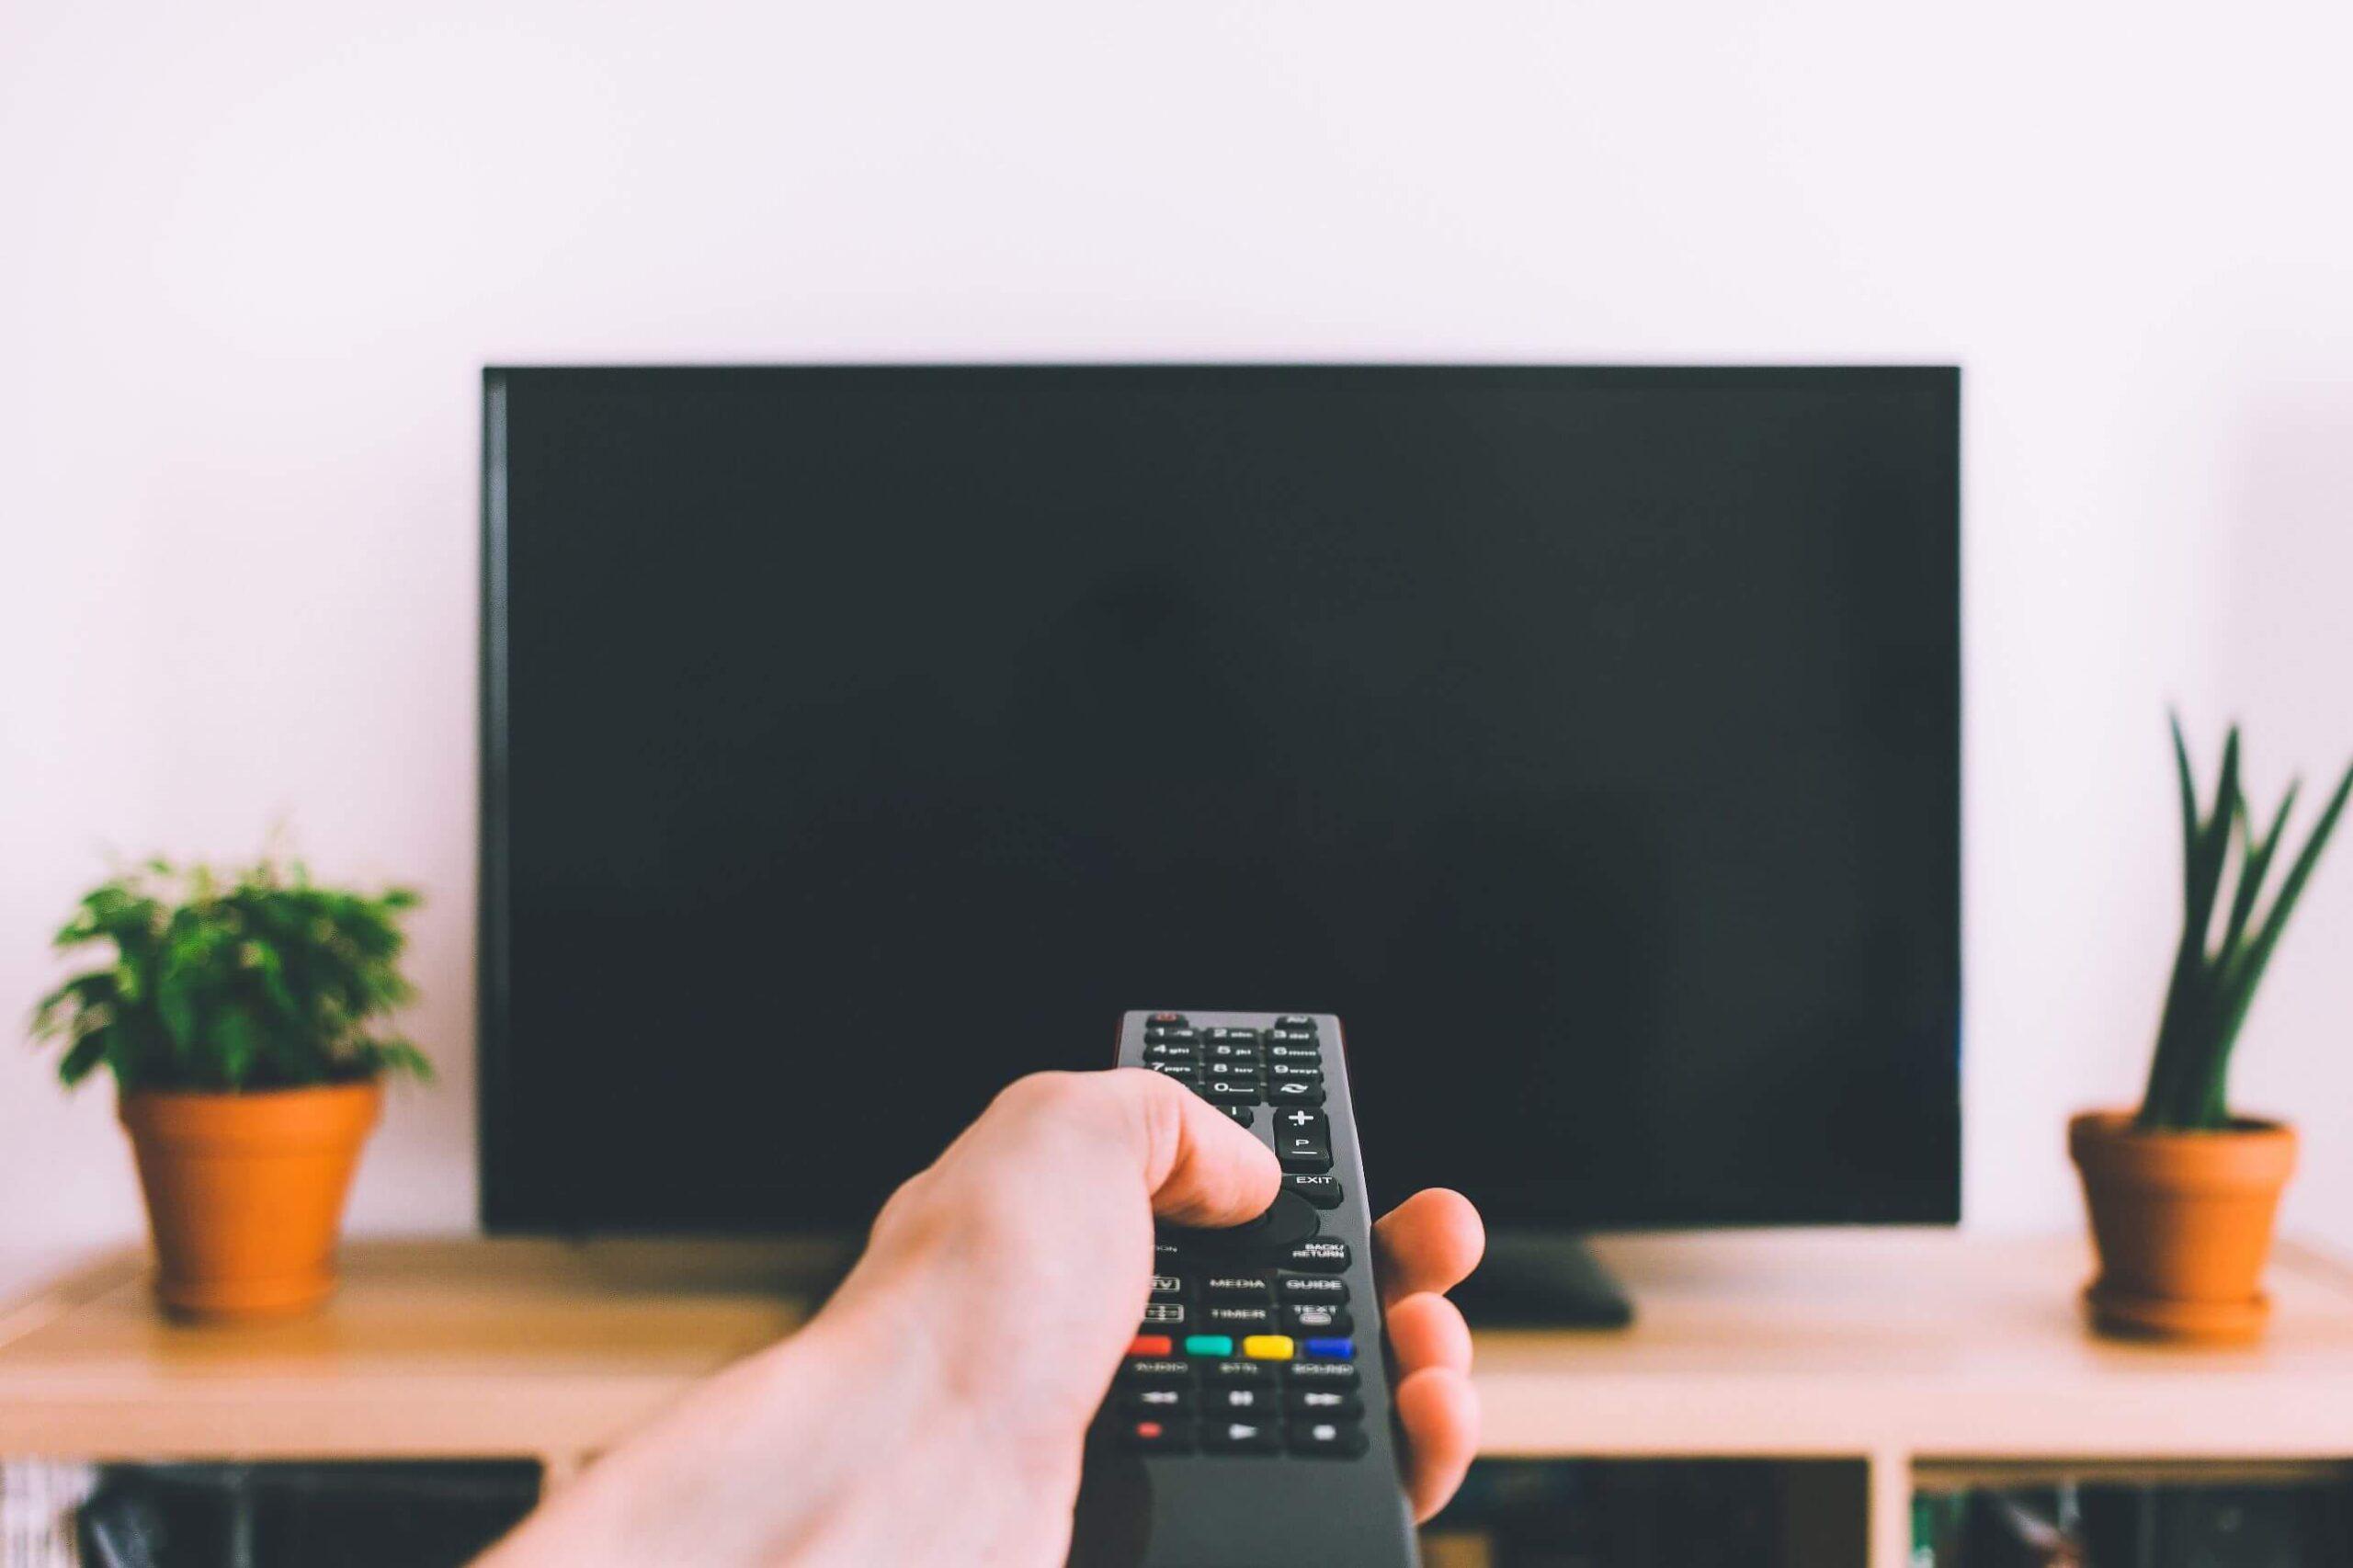 グリーン住宅ポイントのおすすめ交換商品【テレビ】選び方についてもご紹介